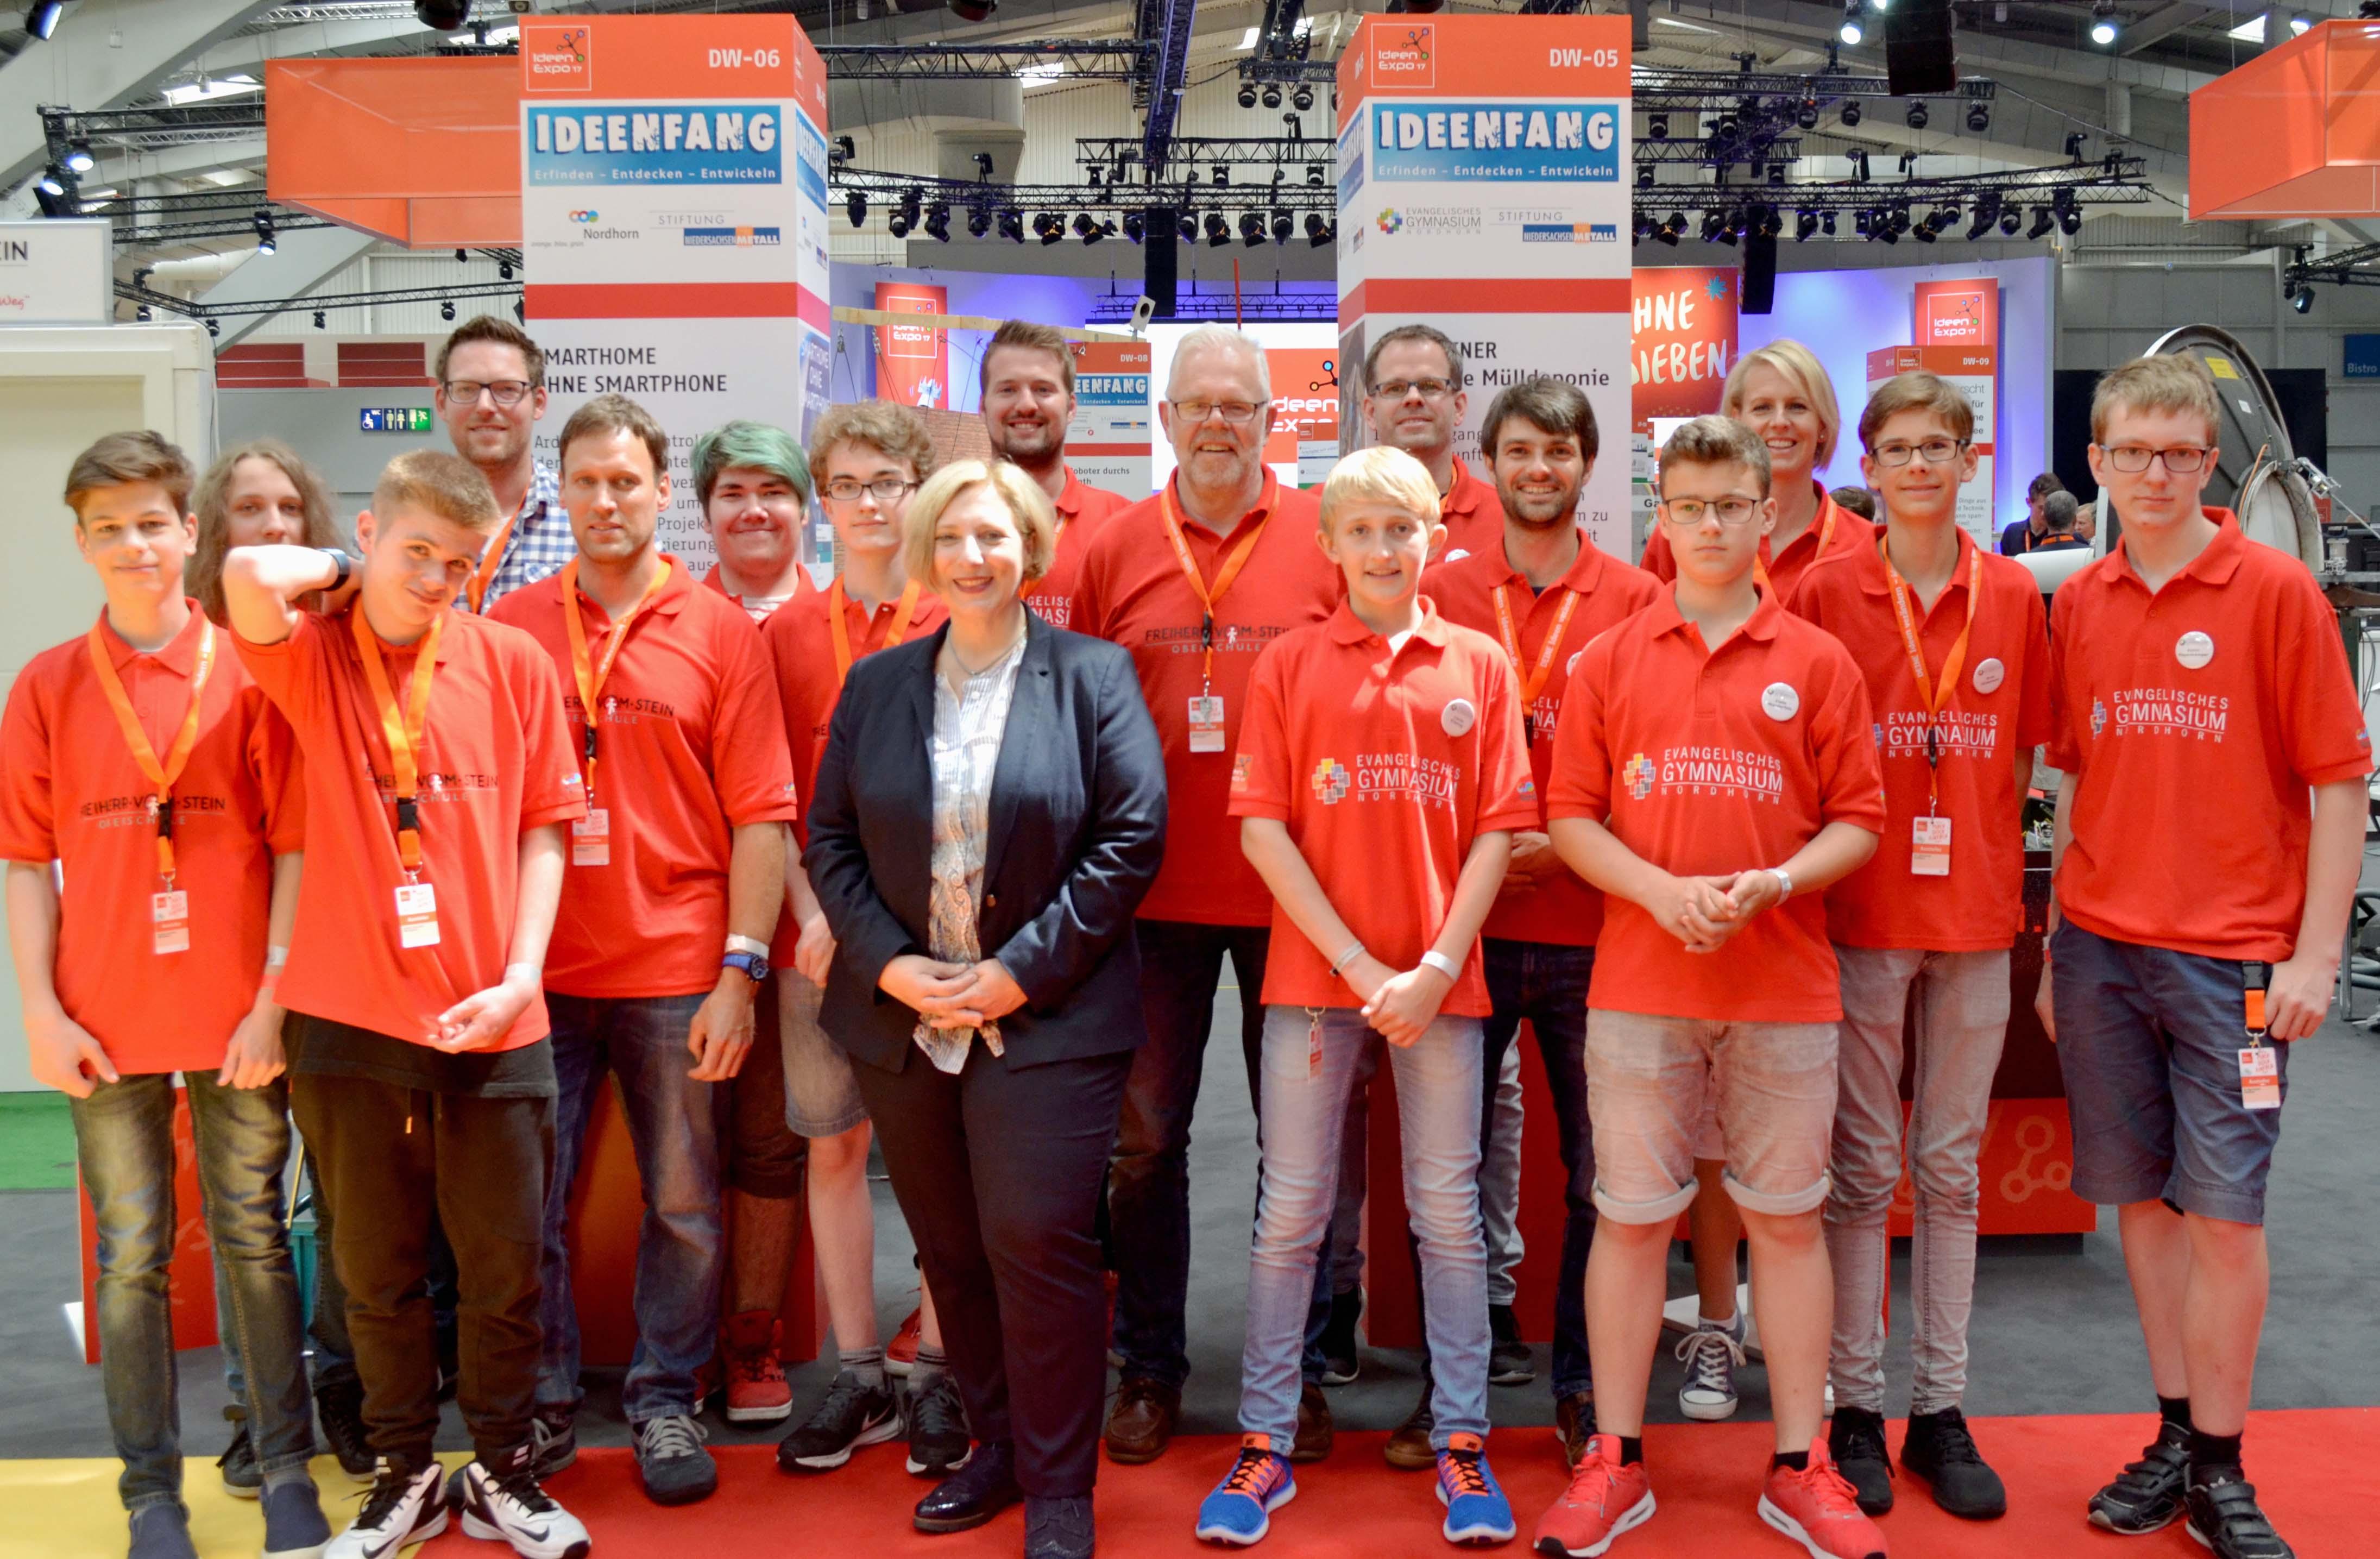 Dr. Daniela De Ridder mit dem Gymnasium und der Freiherr-vom-Stein Oberschule aus Nordhorn auf der Ideenexpo 2017